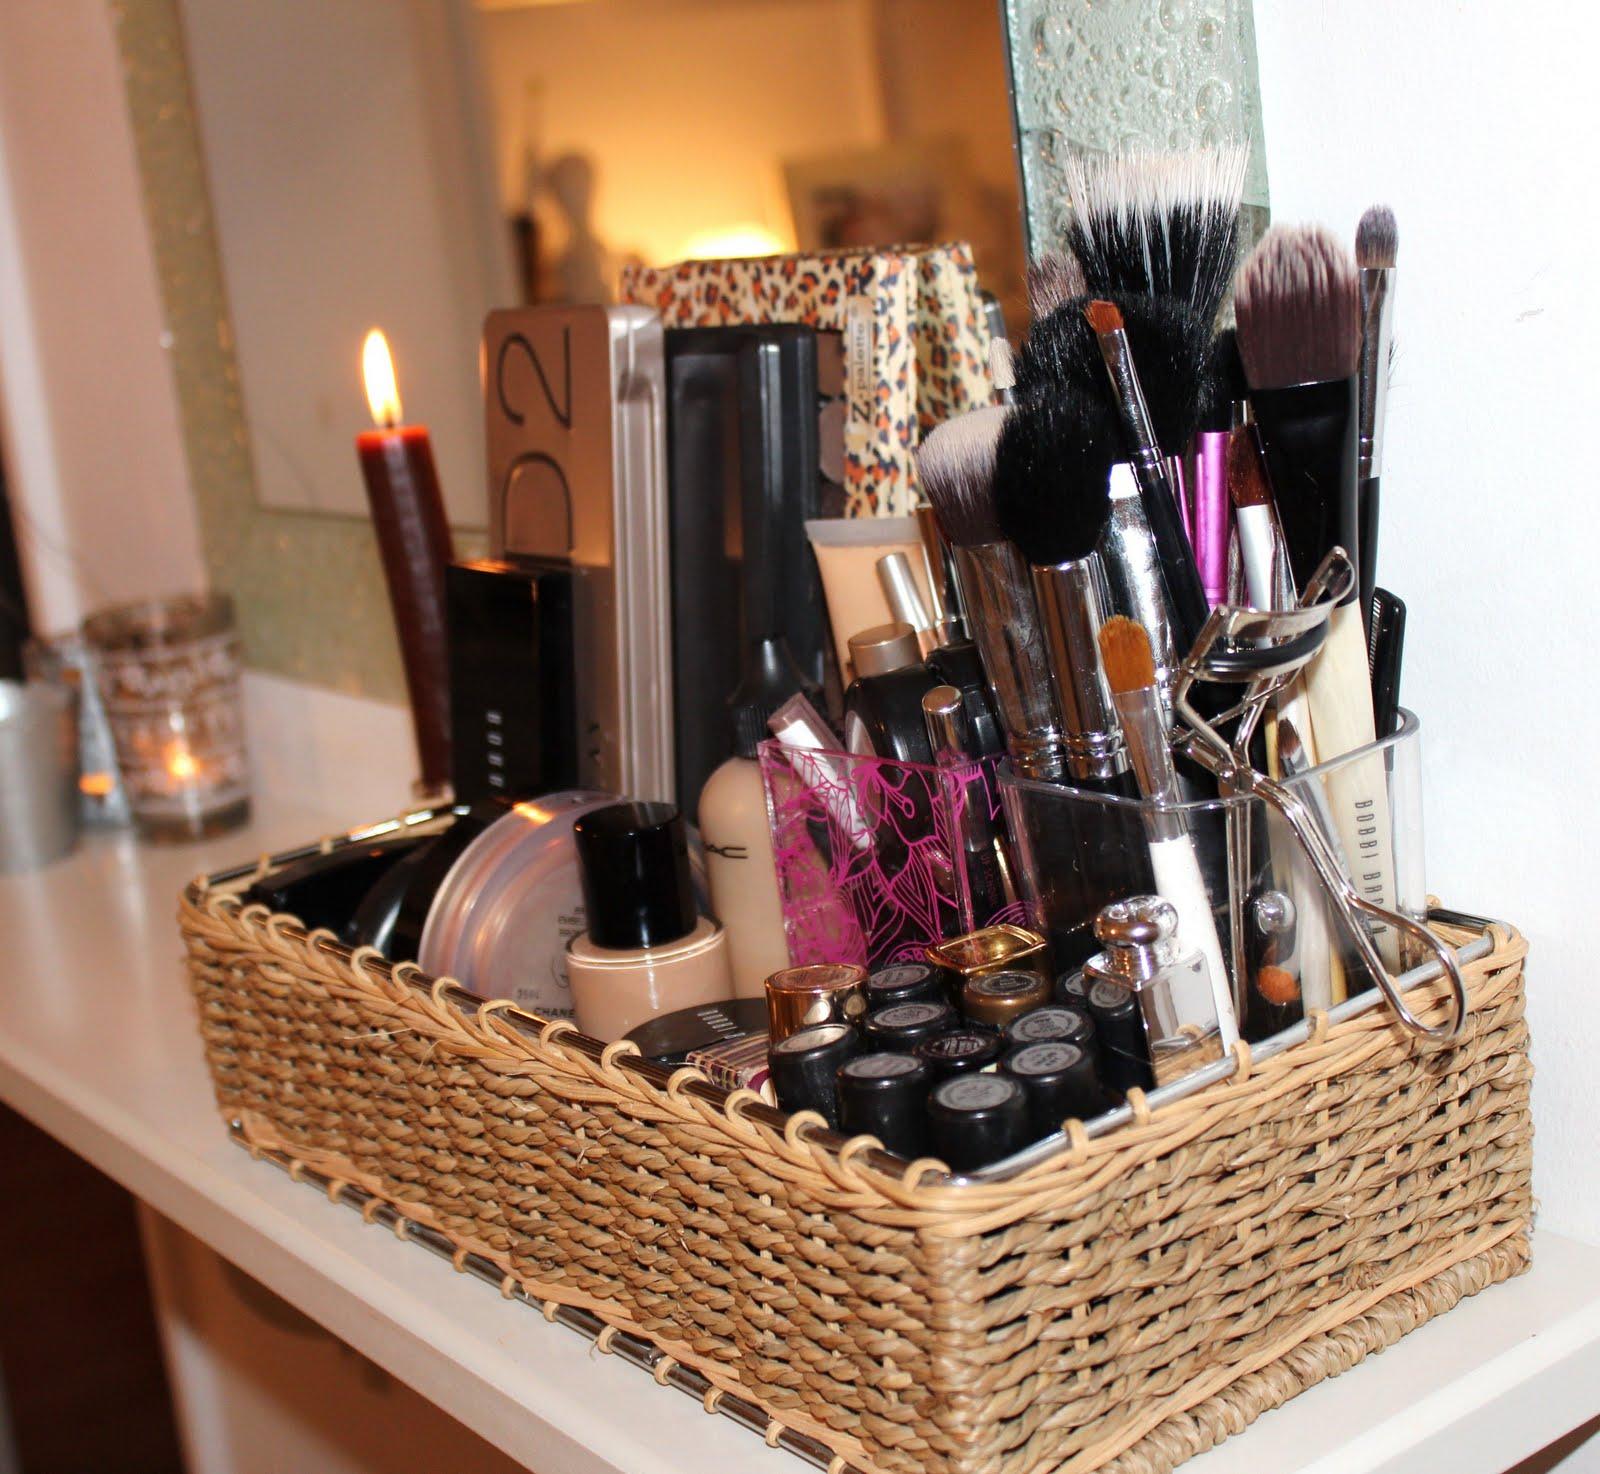 b u b b l e g a r m 39 everyday 39 make up storage. Black Bedroom Furniture Sets. Home Design Ideas